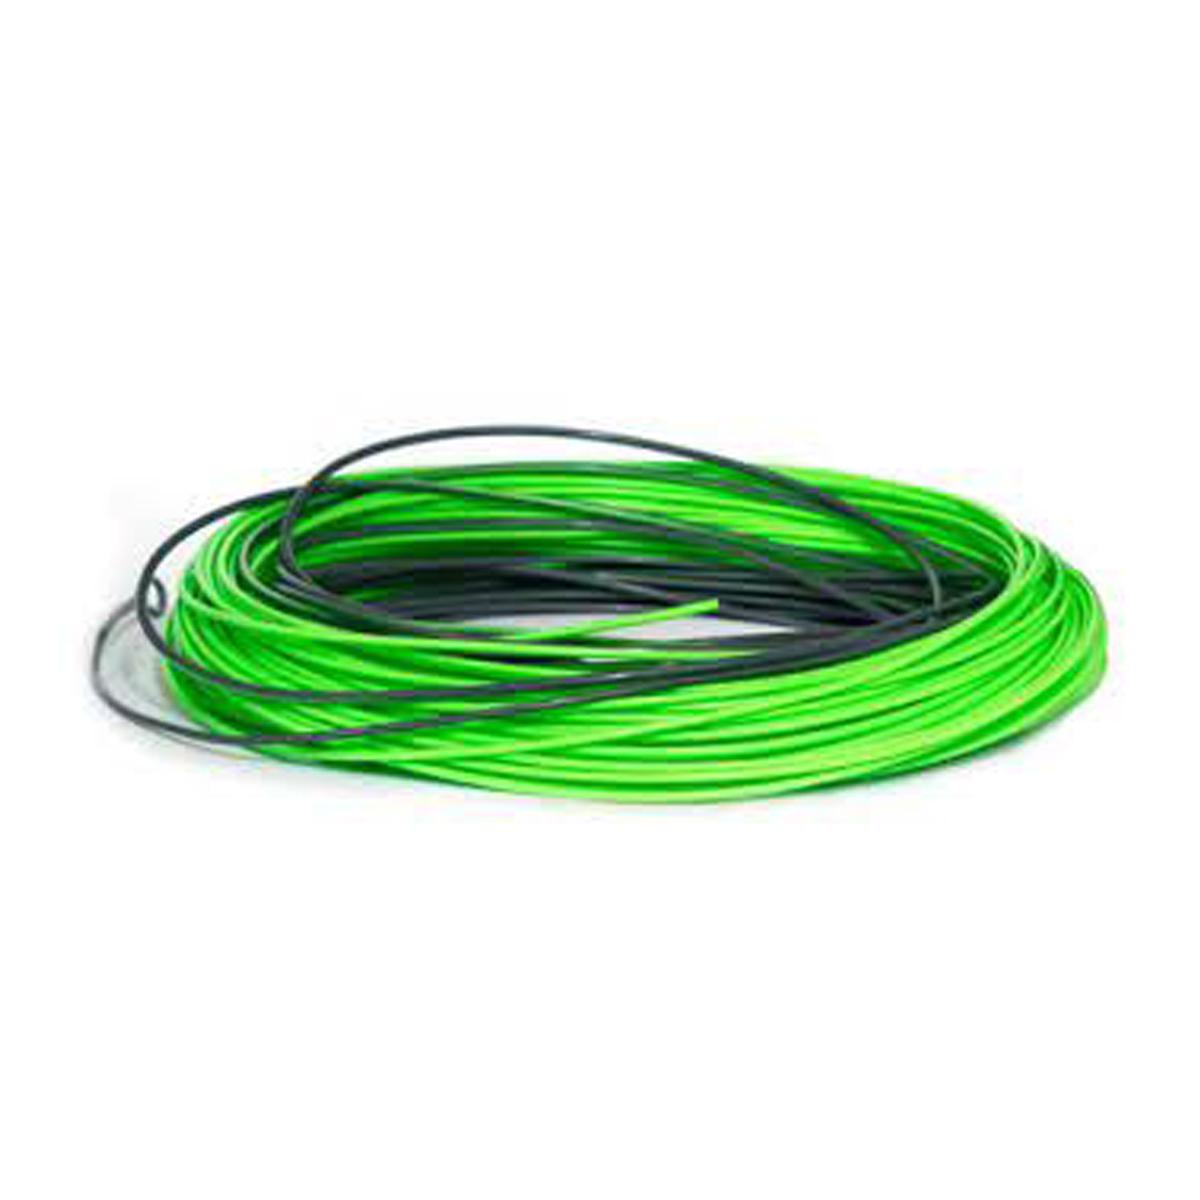 Linha de Fly Albatroz Wf (Verde)  - Pró Pesca Shop